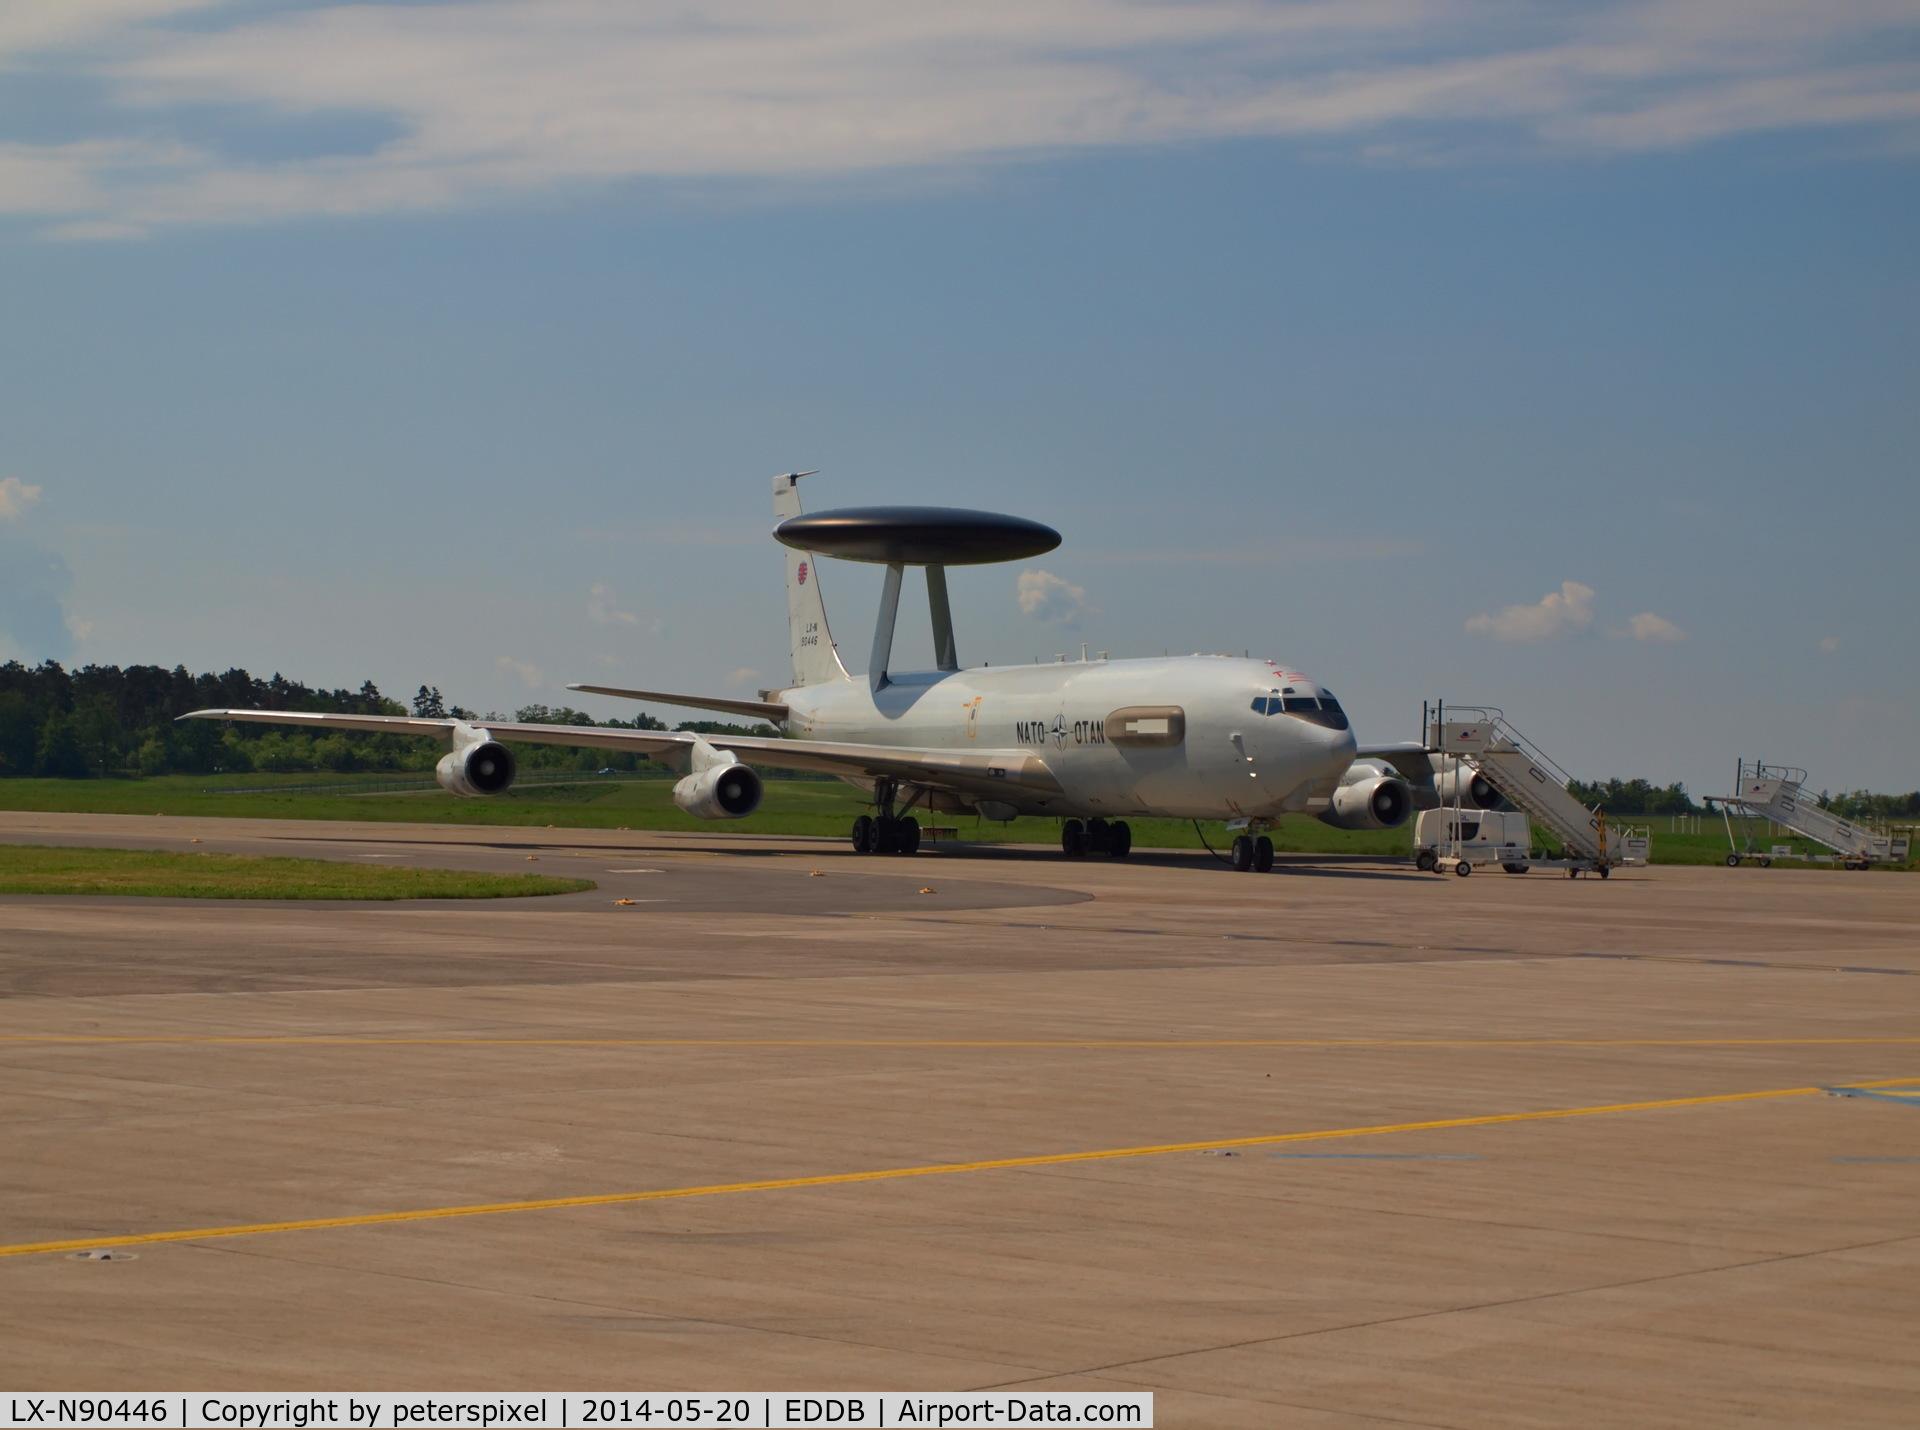 LX-N90446, 1982 Boeing E-3A Sentry C/N 22841, ILA Berlin Air Show 2014 Nato - Otan